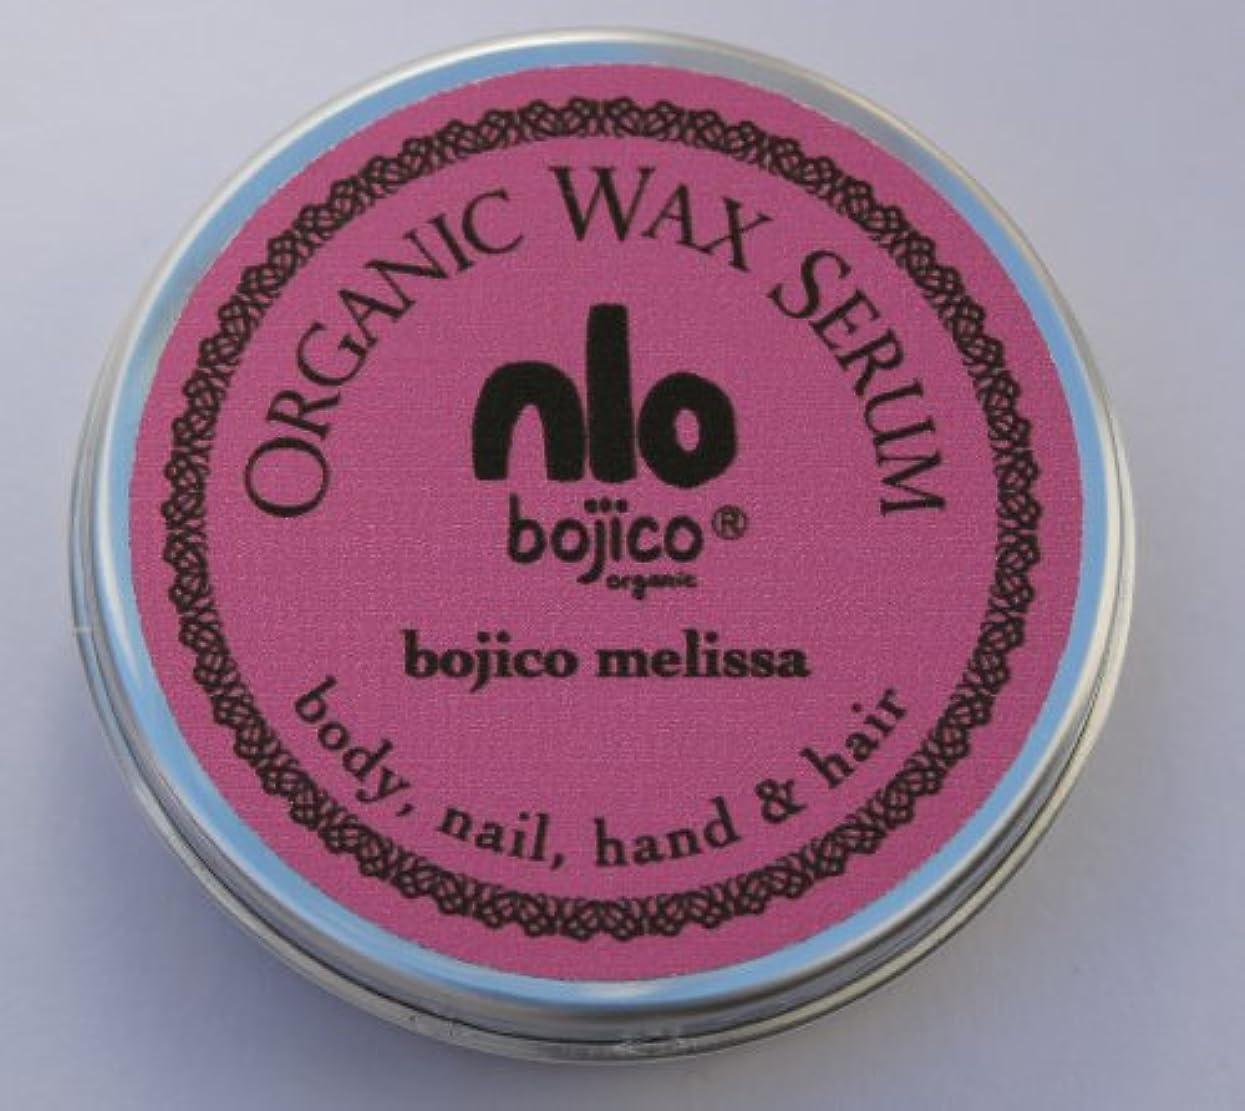 彼女は深める小川bojico オーガニック ワックス セラム<メリッサ> Organic Wax Serum 18g